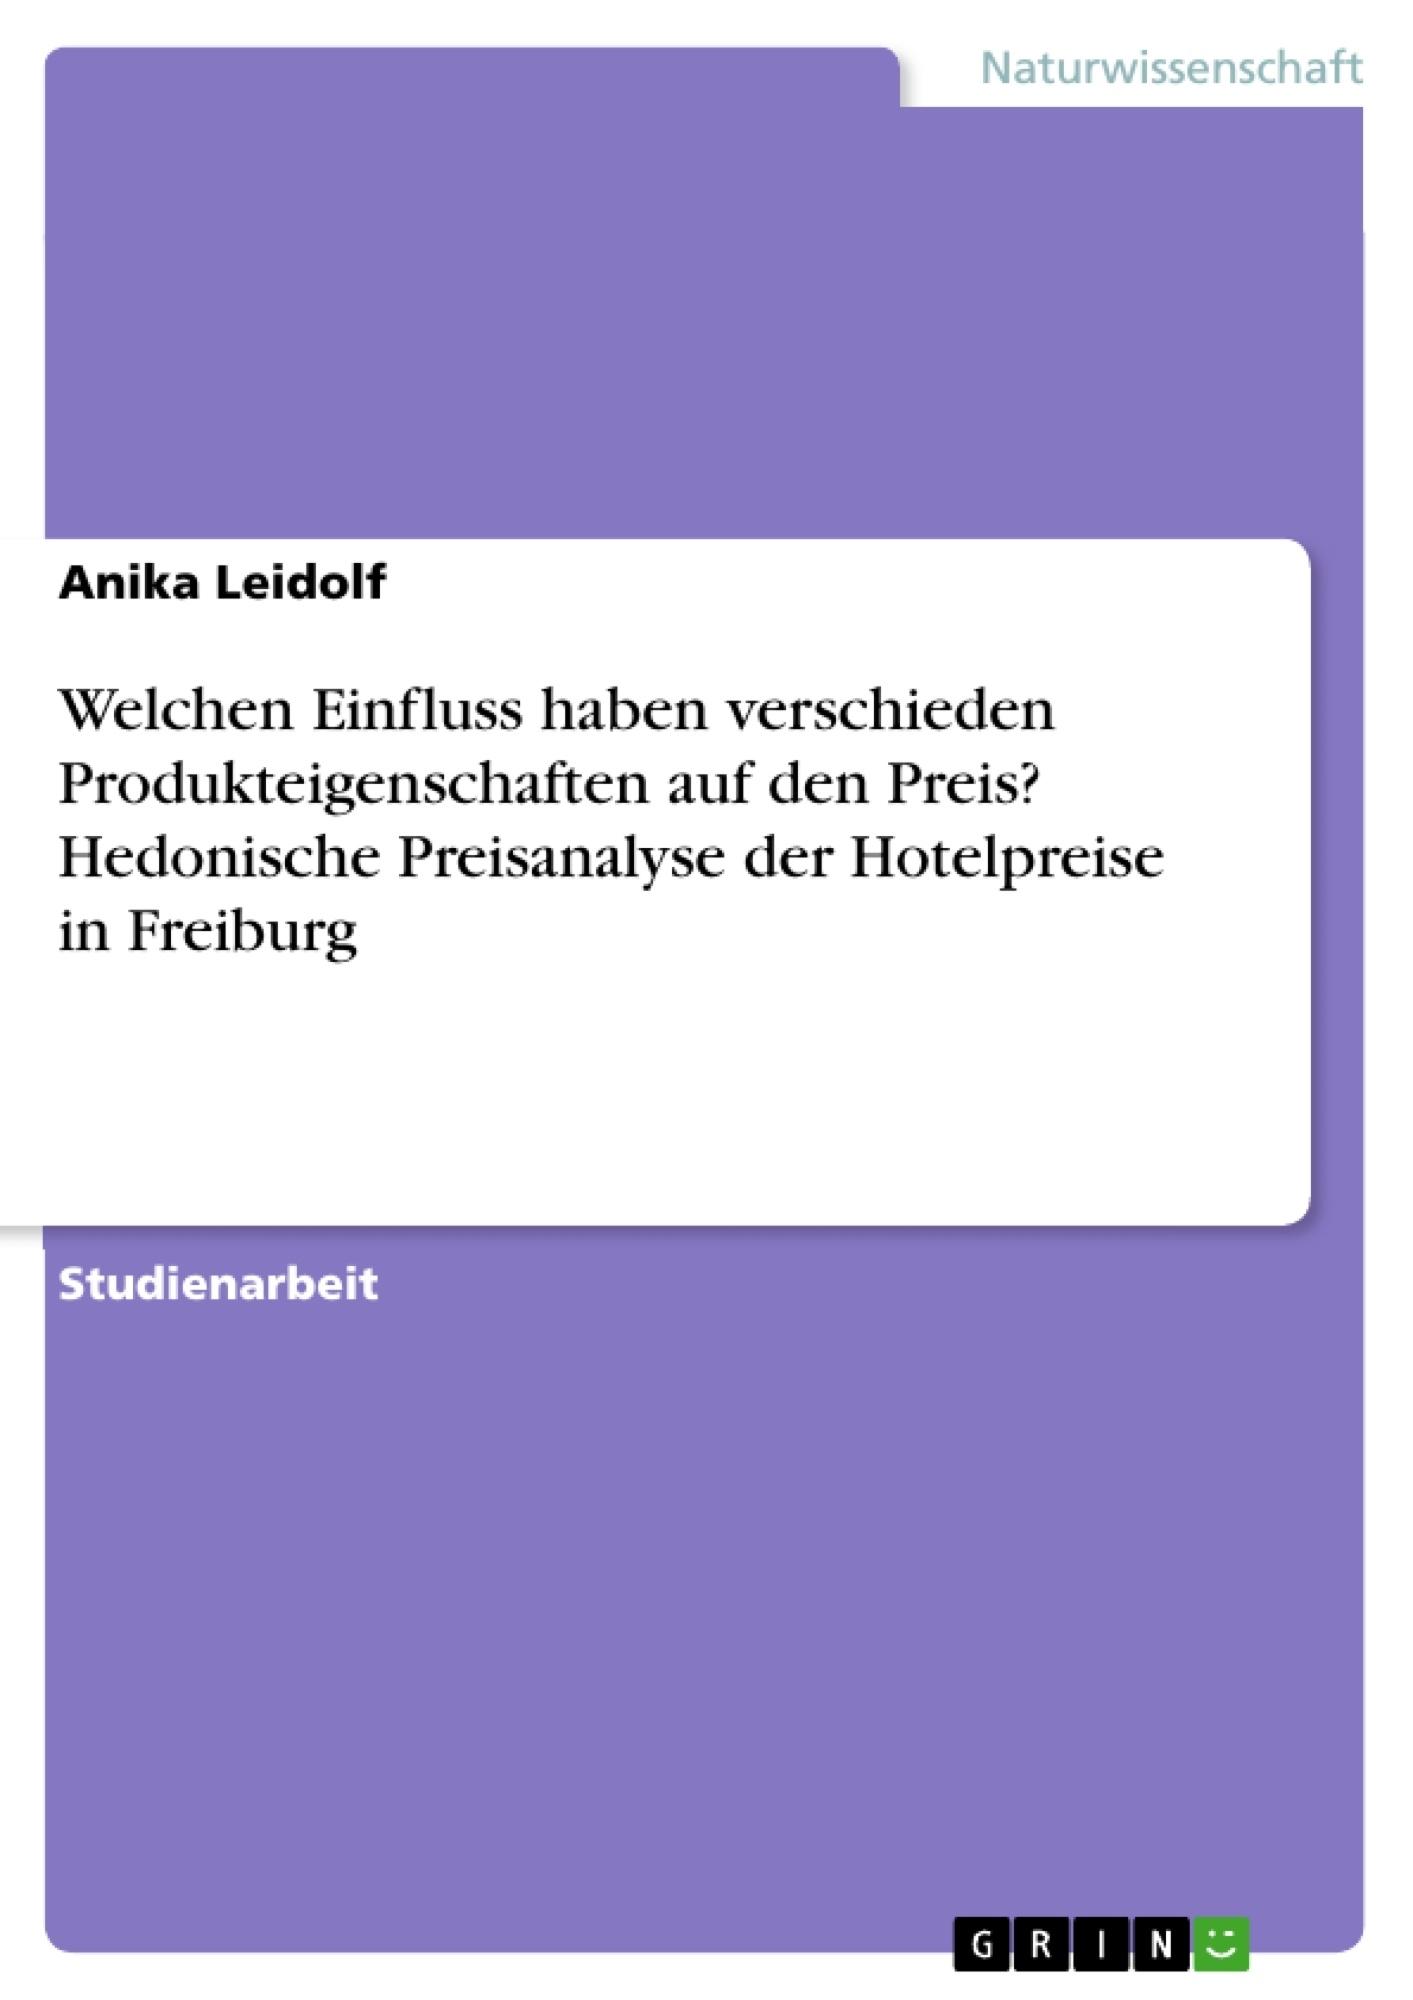 Titel: Welchen Einfluss haben verschieden Produkteigenschaften auf den Preis? Hedonische Preisanalyse der Hotelpreise in Freiburg